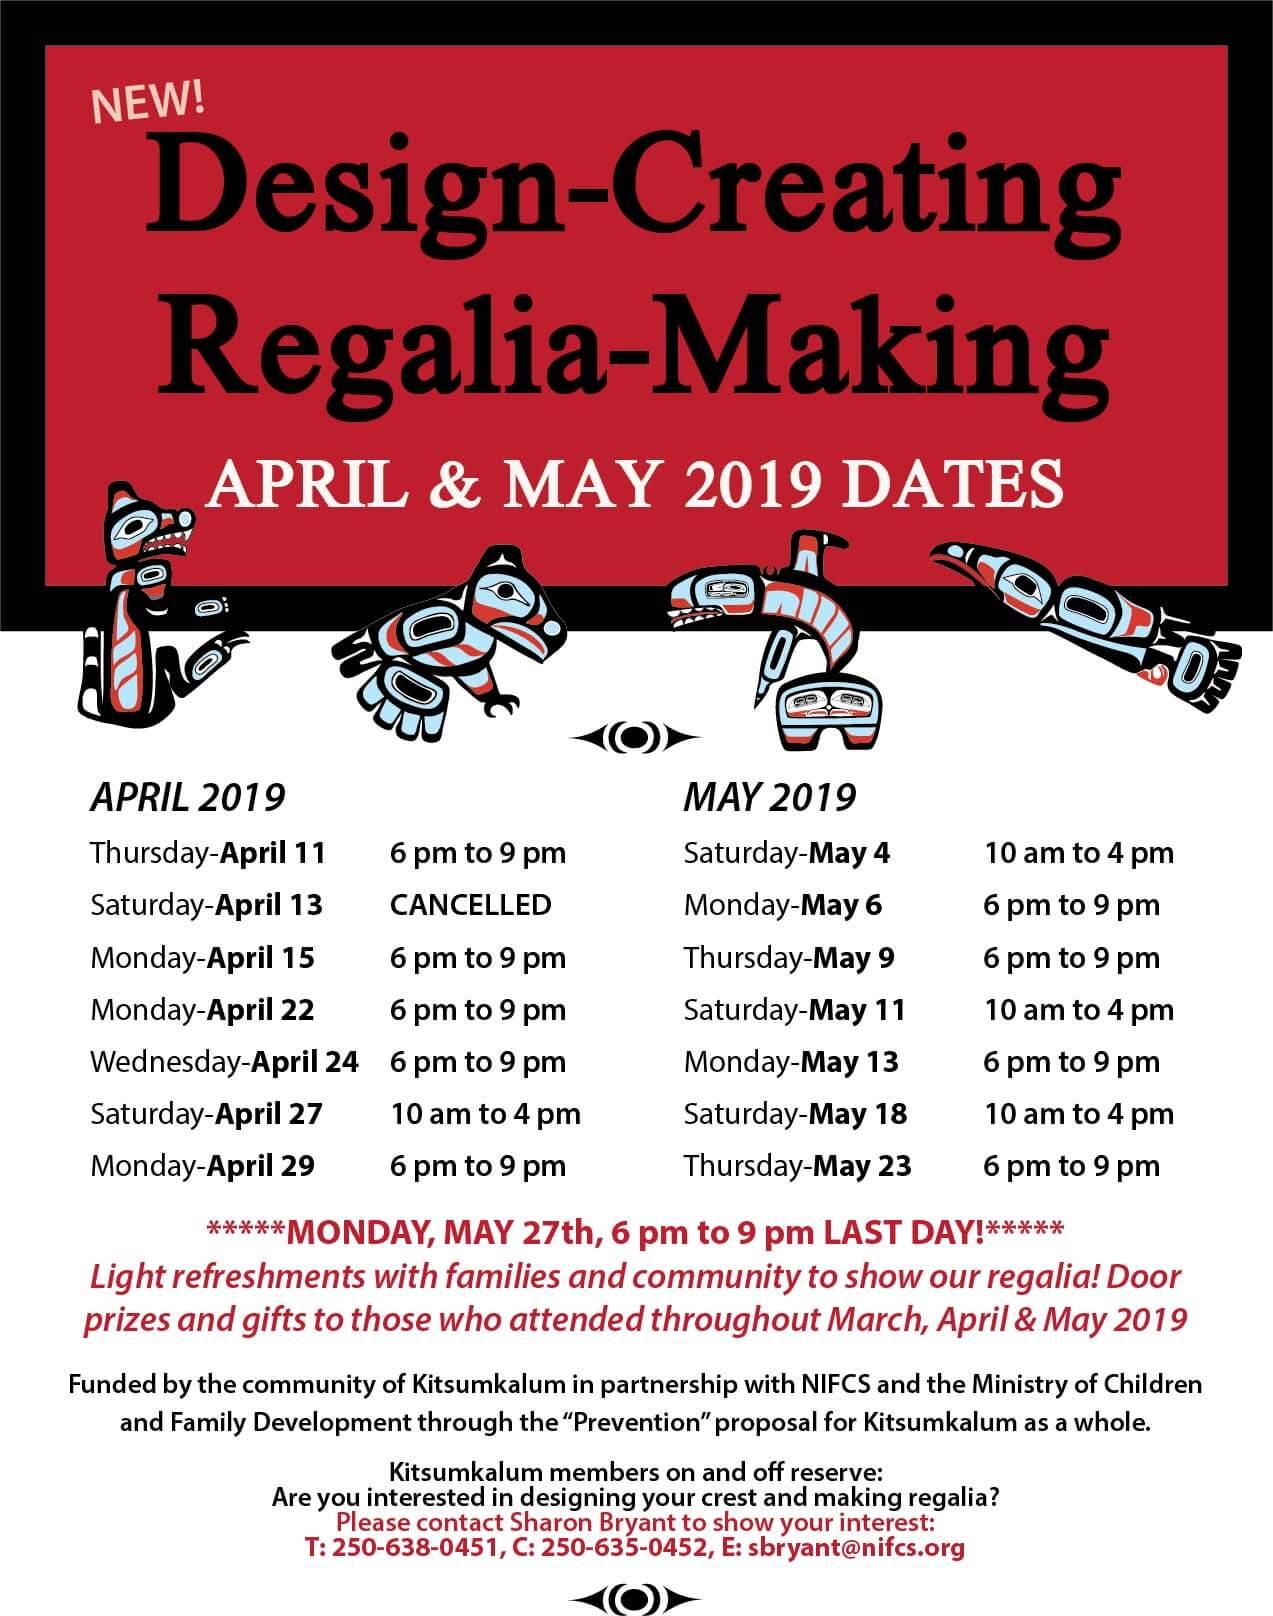 Design Creating Regalia Making APRIL 22